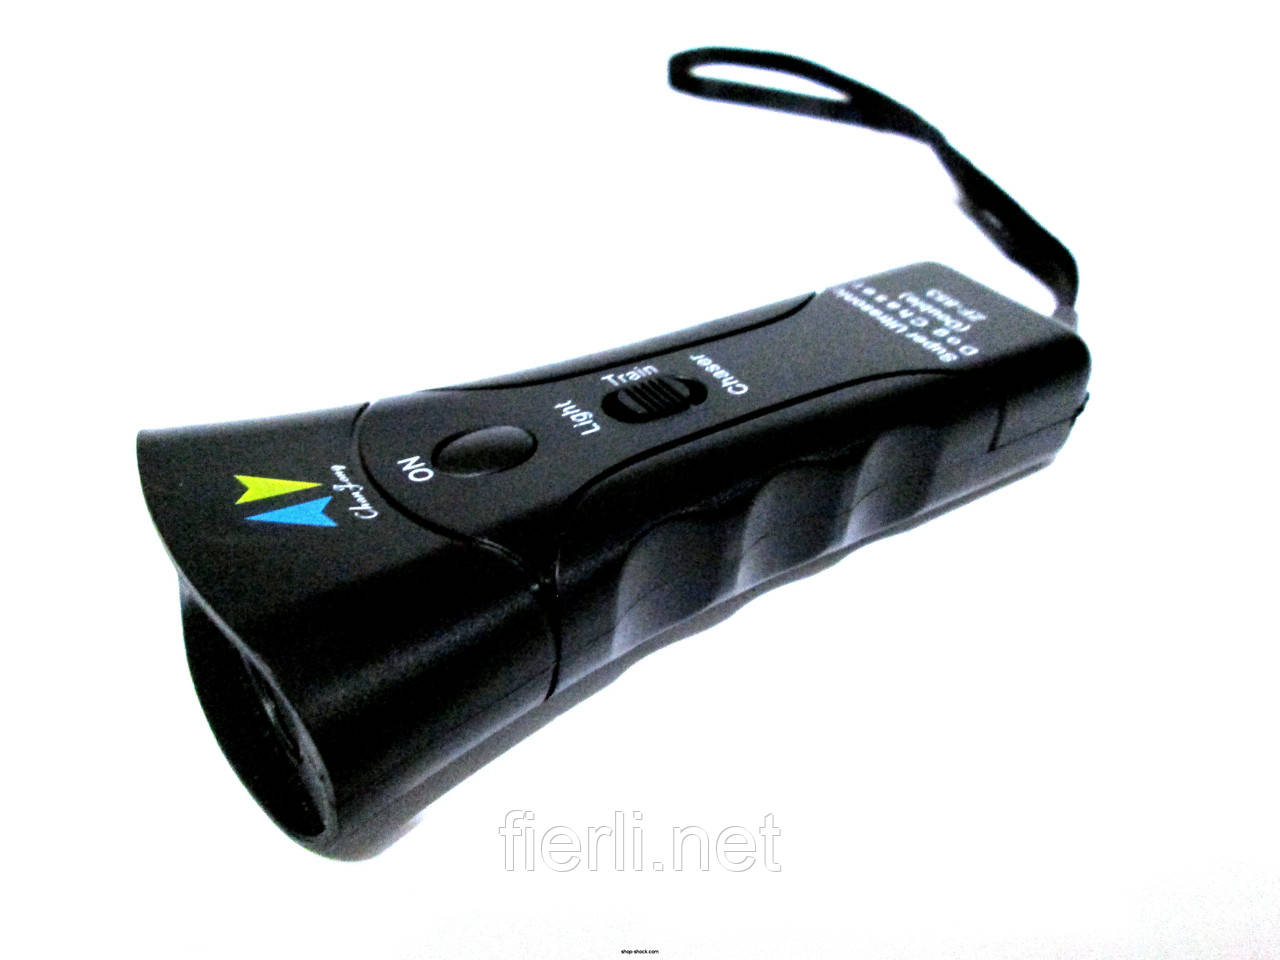 Отпугиватель собак Super Ultrasonic Dog Chaser (Double) ZF-853 Е с лазером